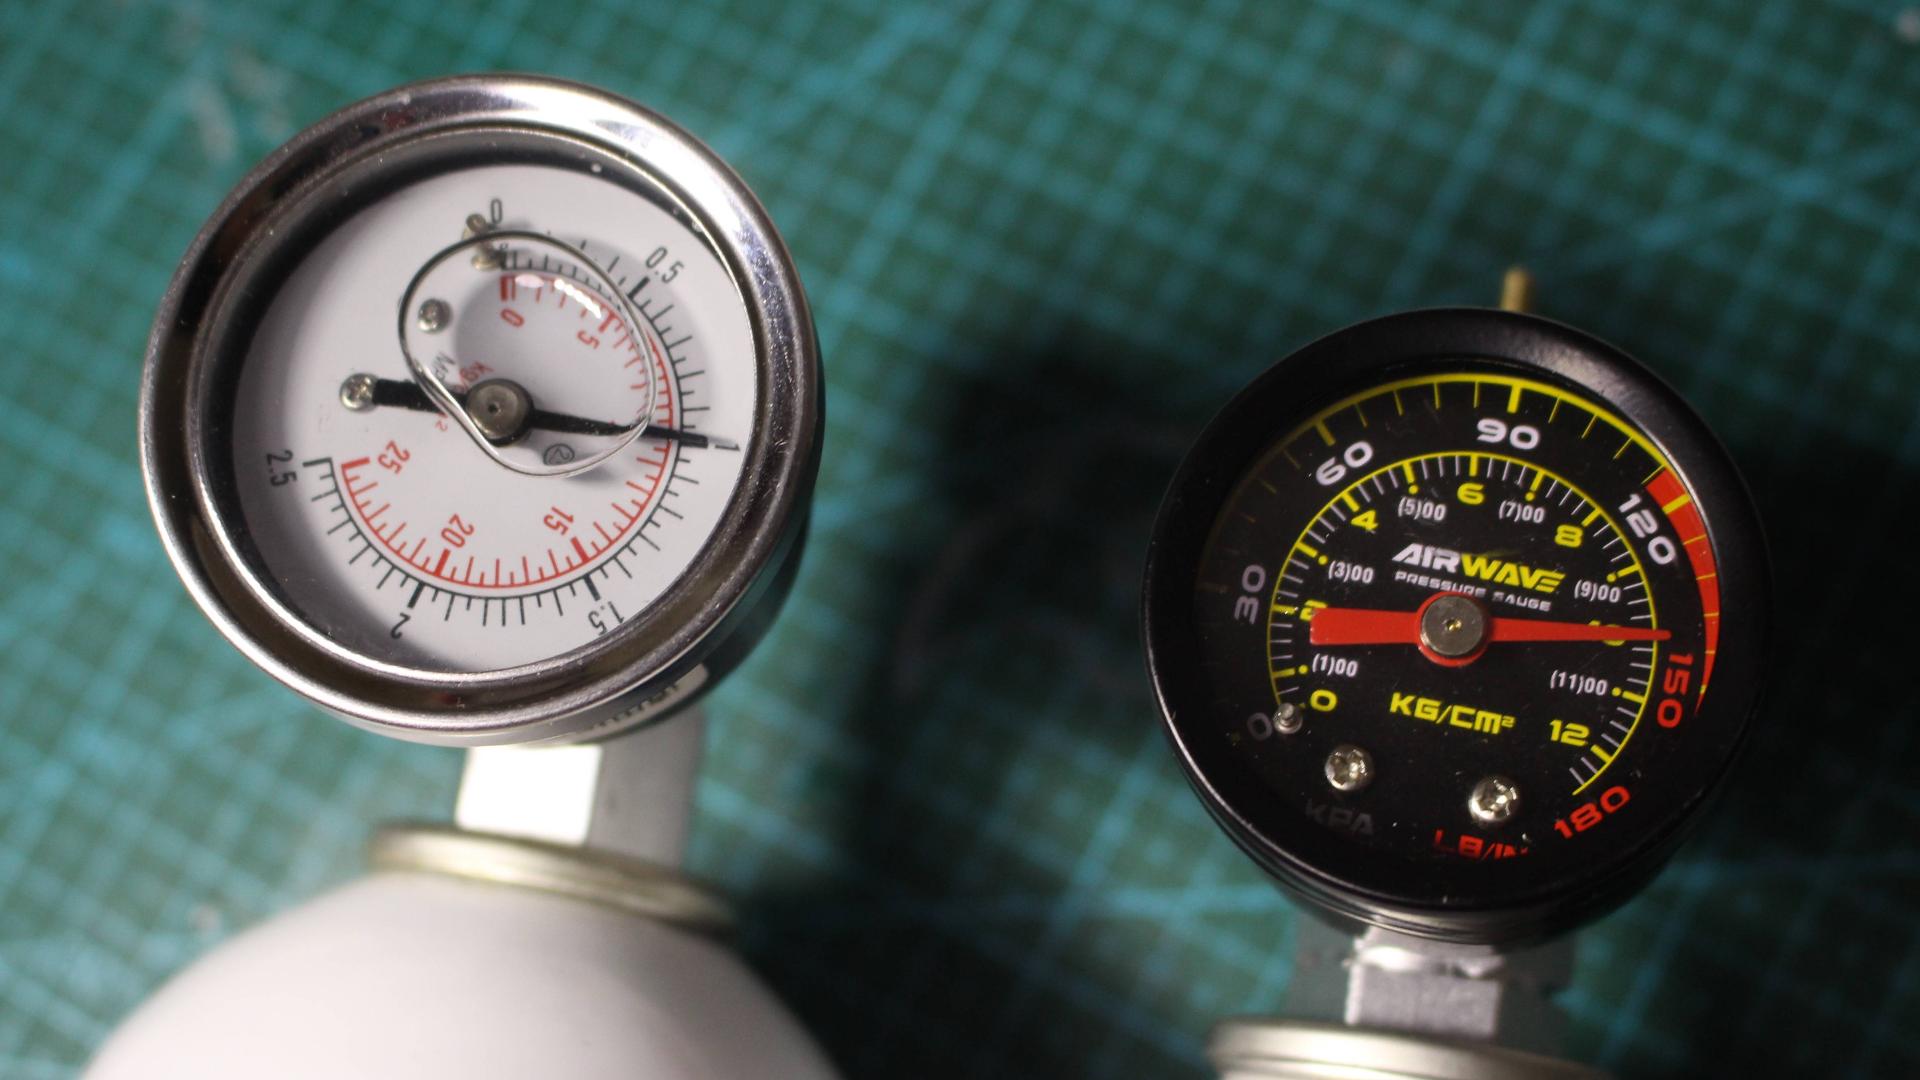 【MJG】【教学向】P1第三方充气头怎么装?一装就漏气?安排!